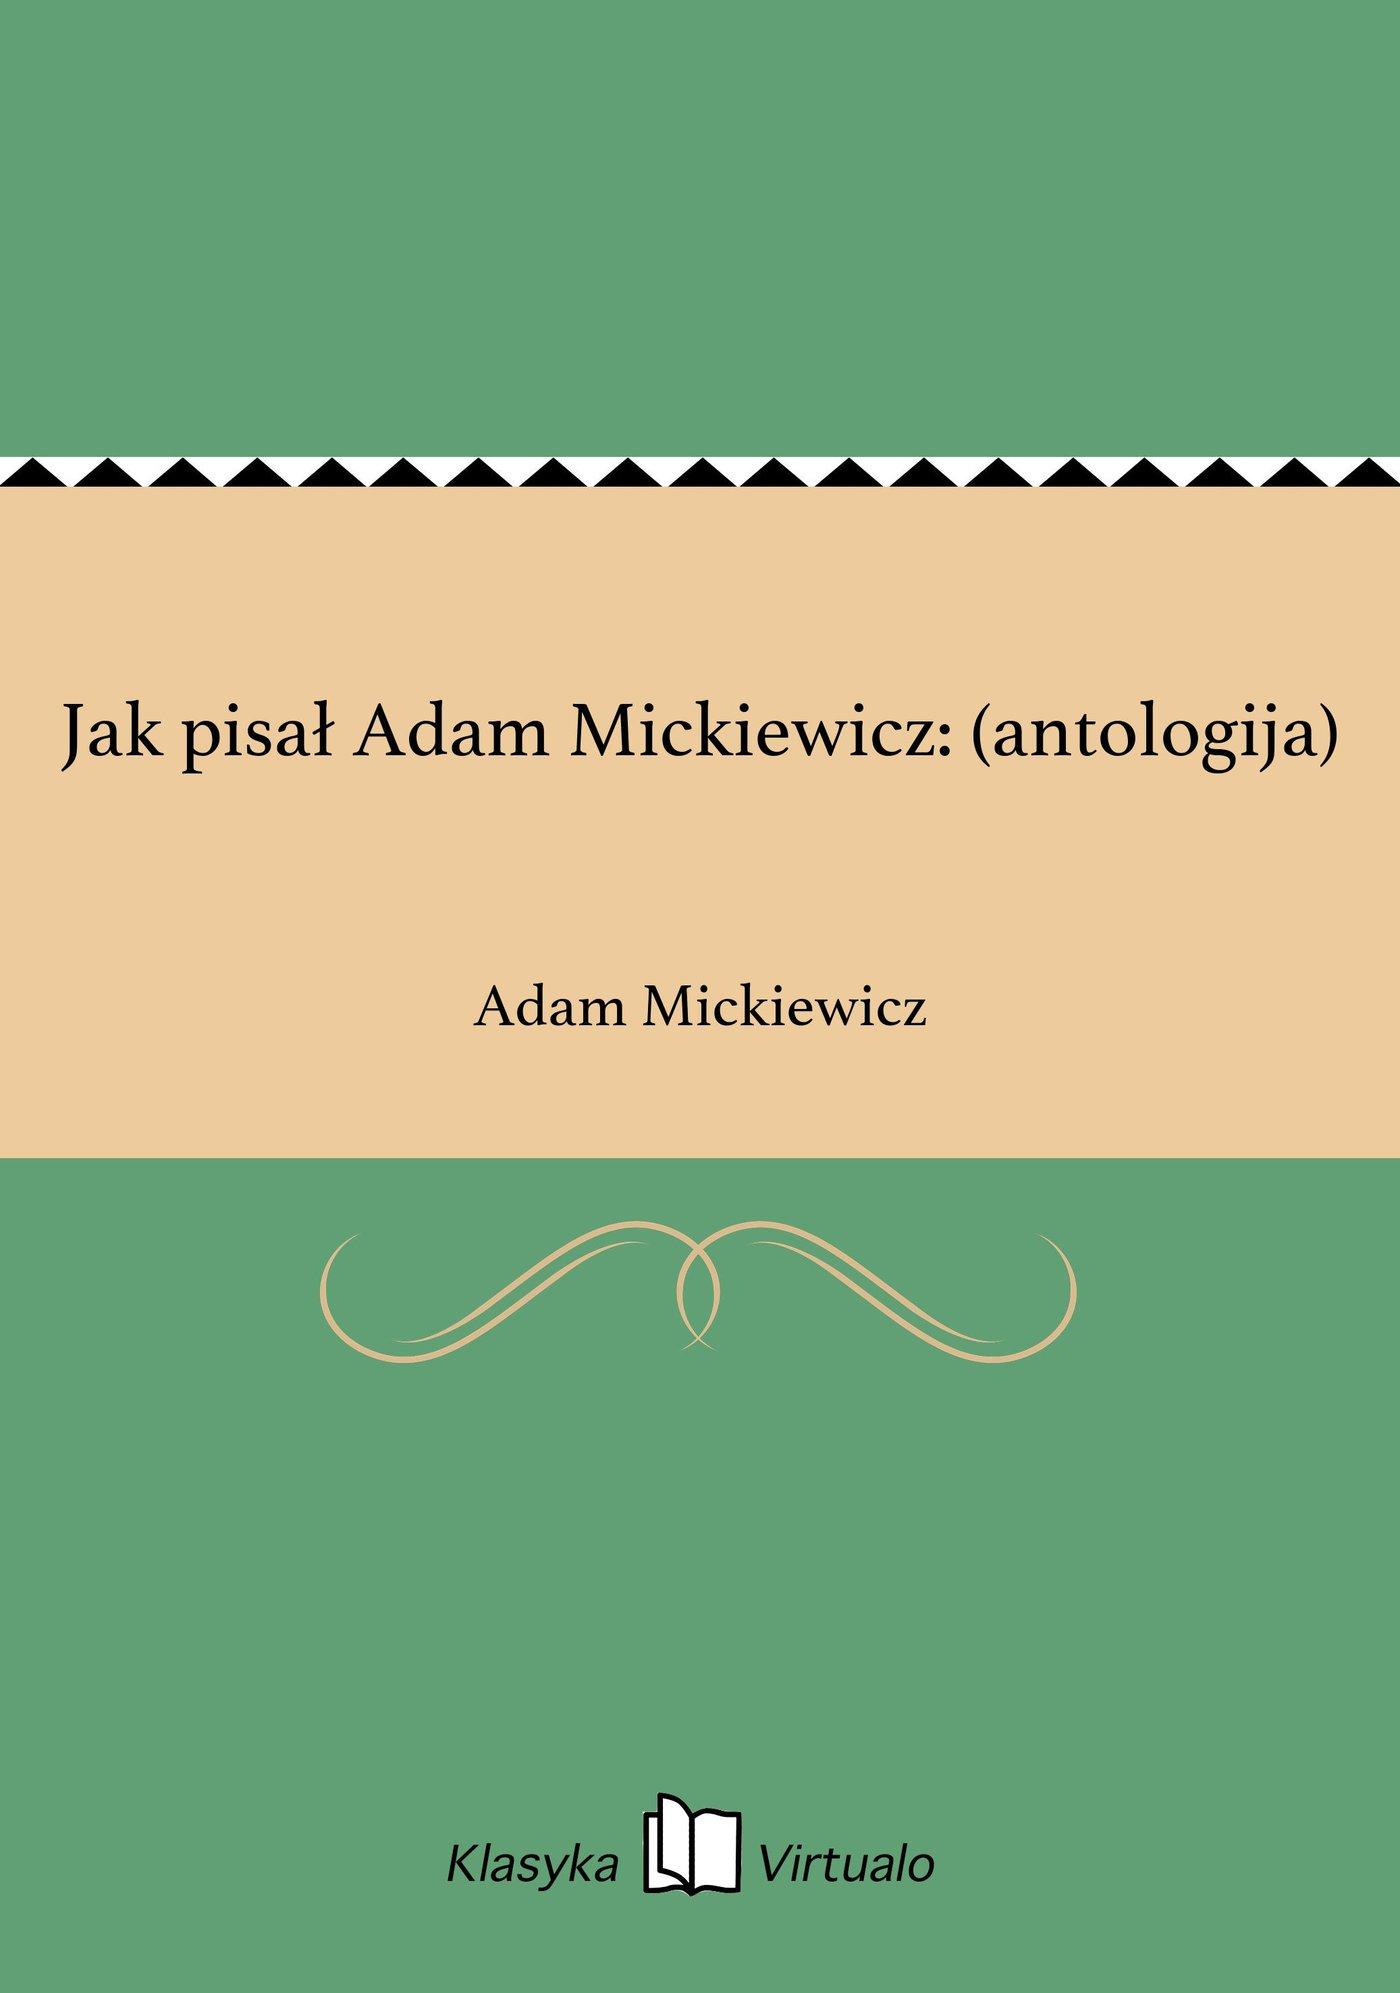 Jak pisał Adam Mickiewicz: (antologija) - Ebook (Książka na Kindle) do pobrania w formacie MOBI